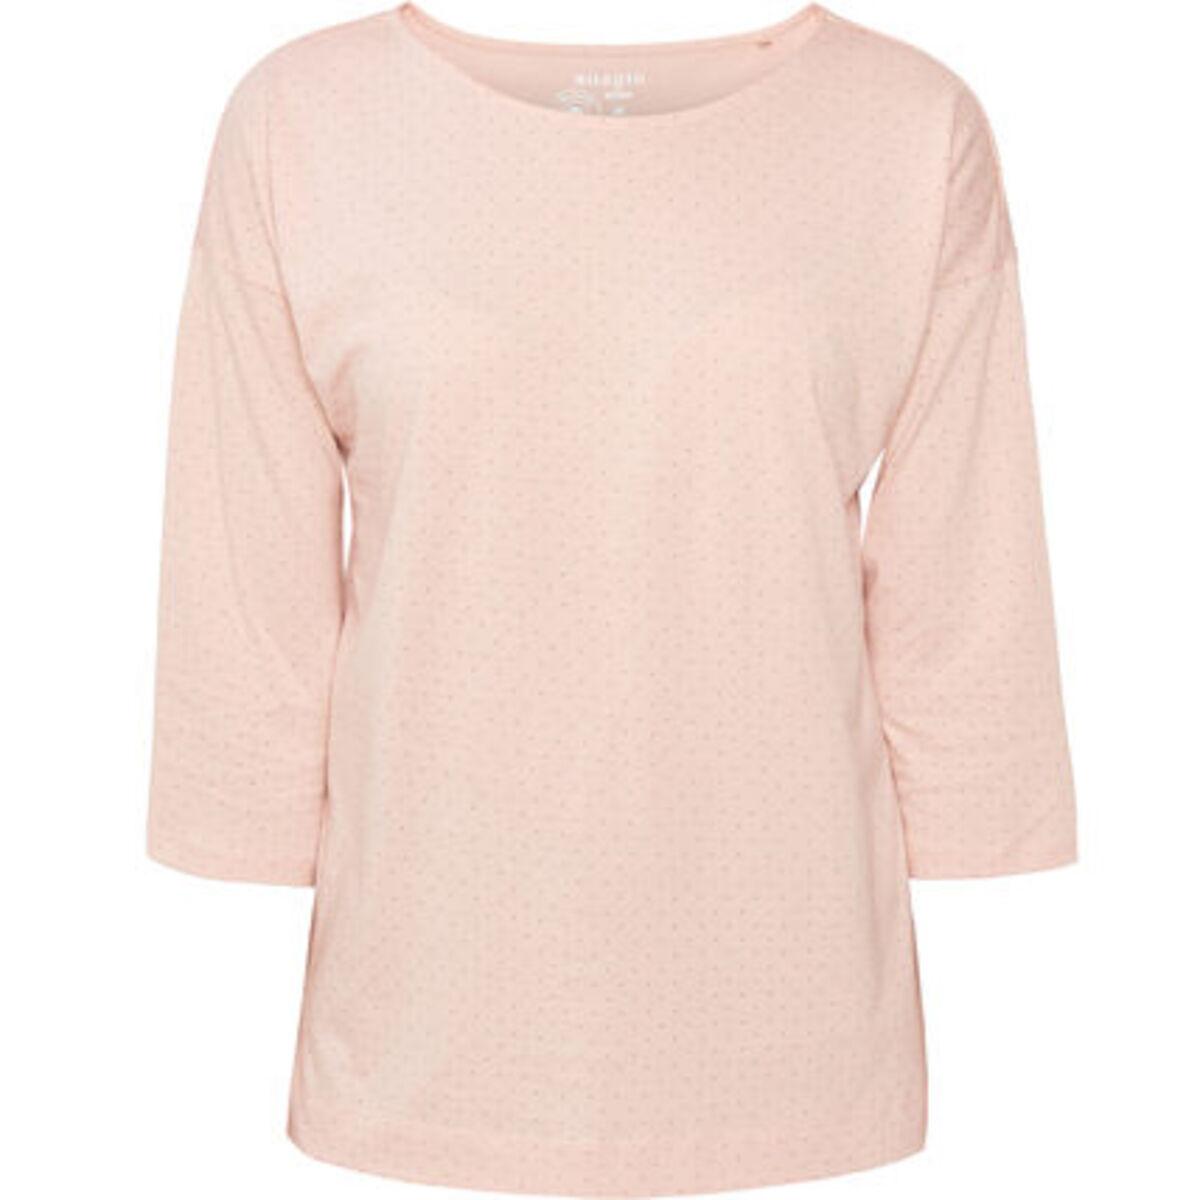 """Bild 1 von Adagio Shirt """"Mona"""", U-Boot-Ausschnitt, für Damen"""